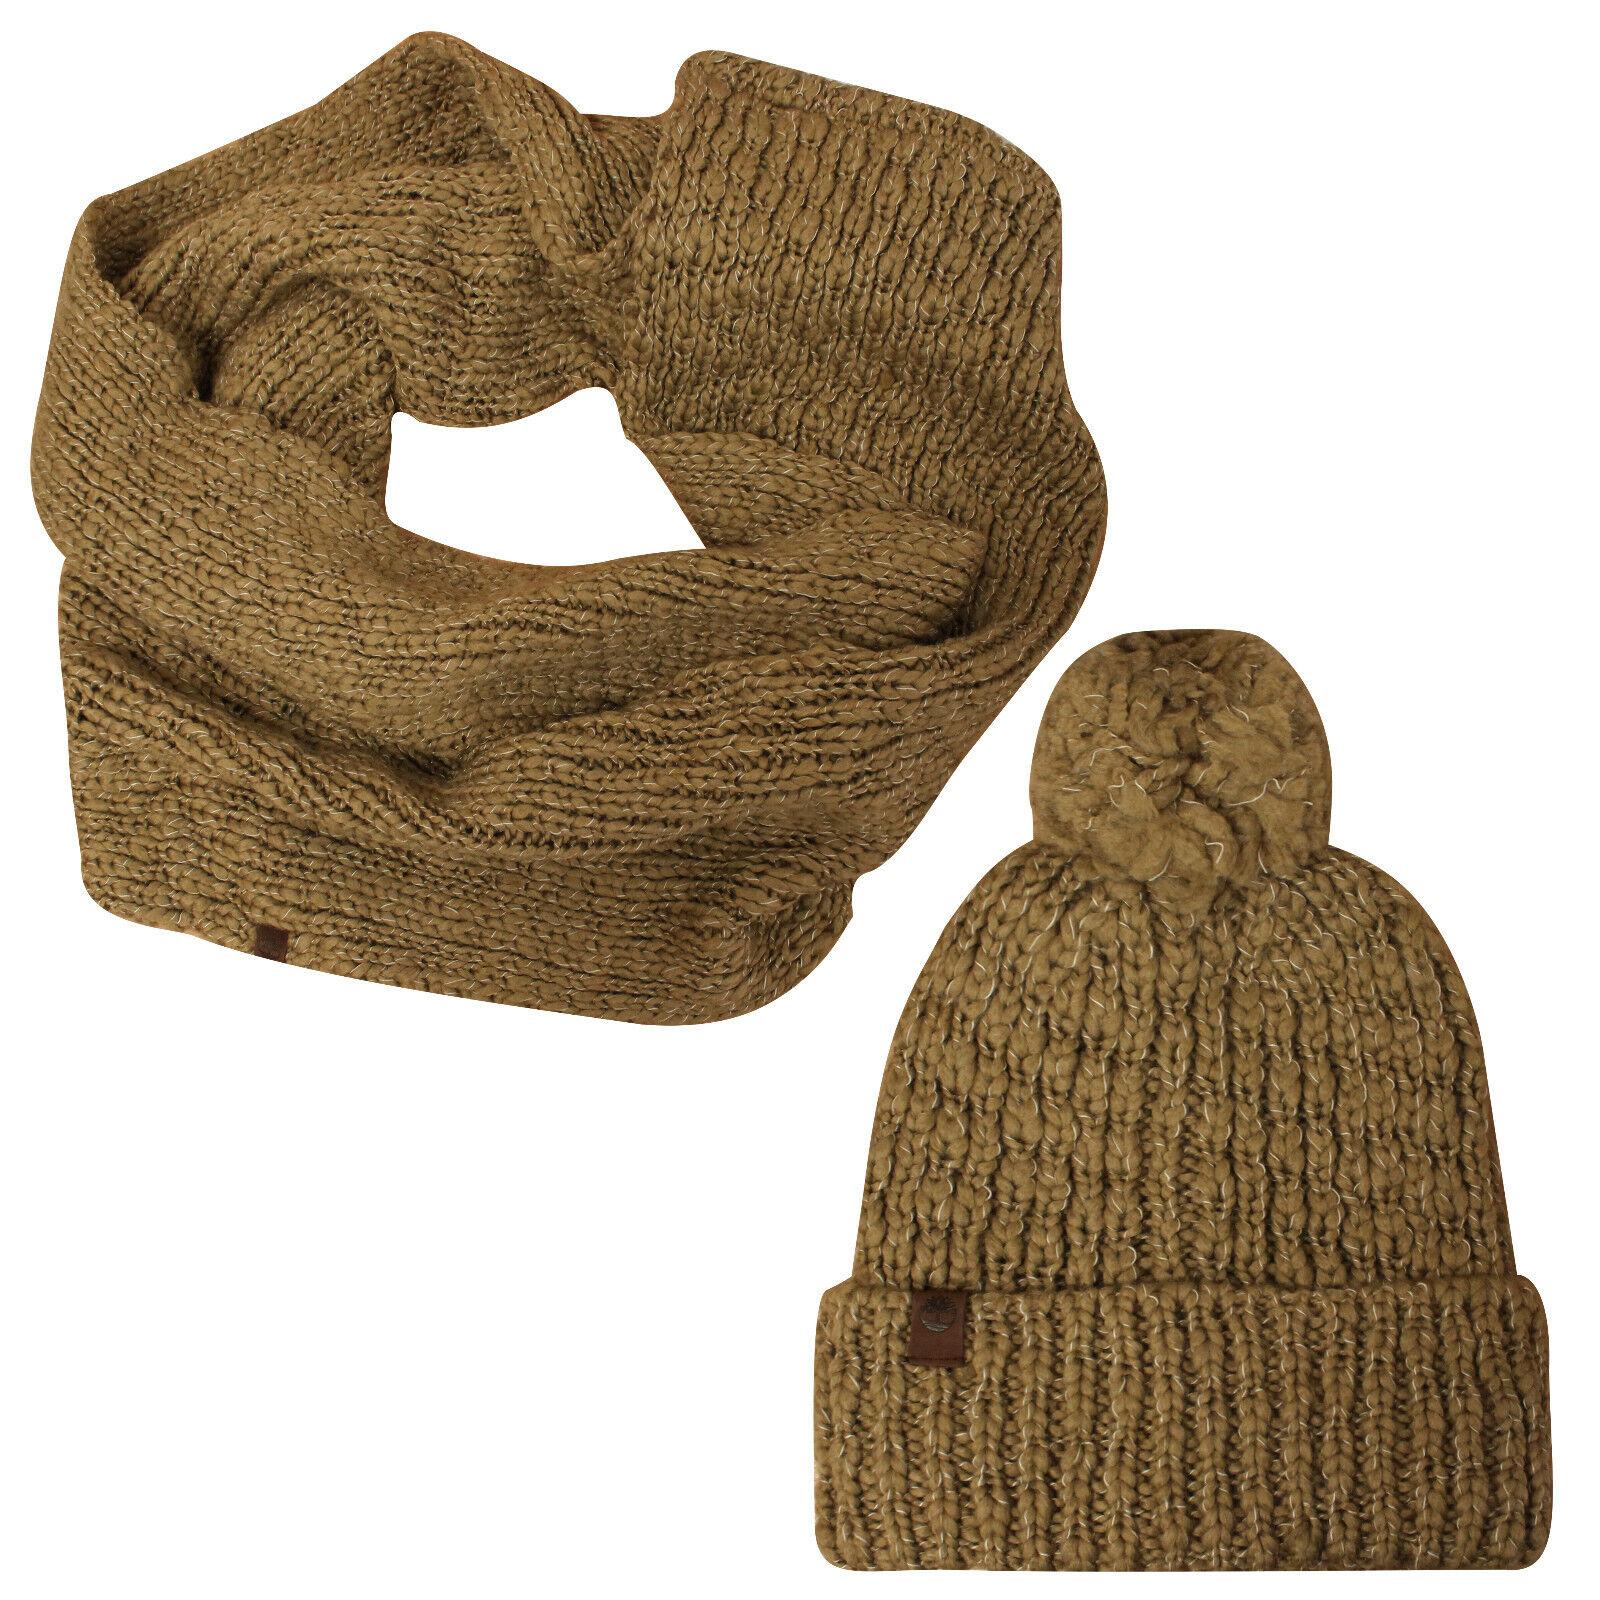 Dettagli su Timberland Donna Melange Grosso Cavo Maglia Sciarpa Cappello Ponpon di A1E73 918